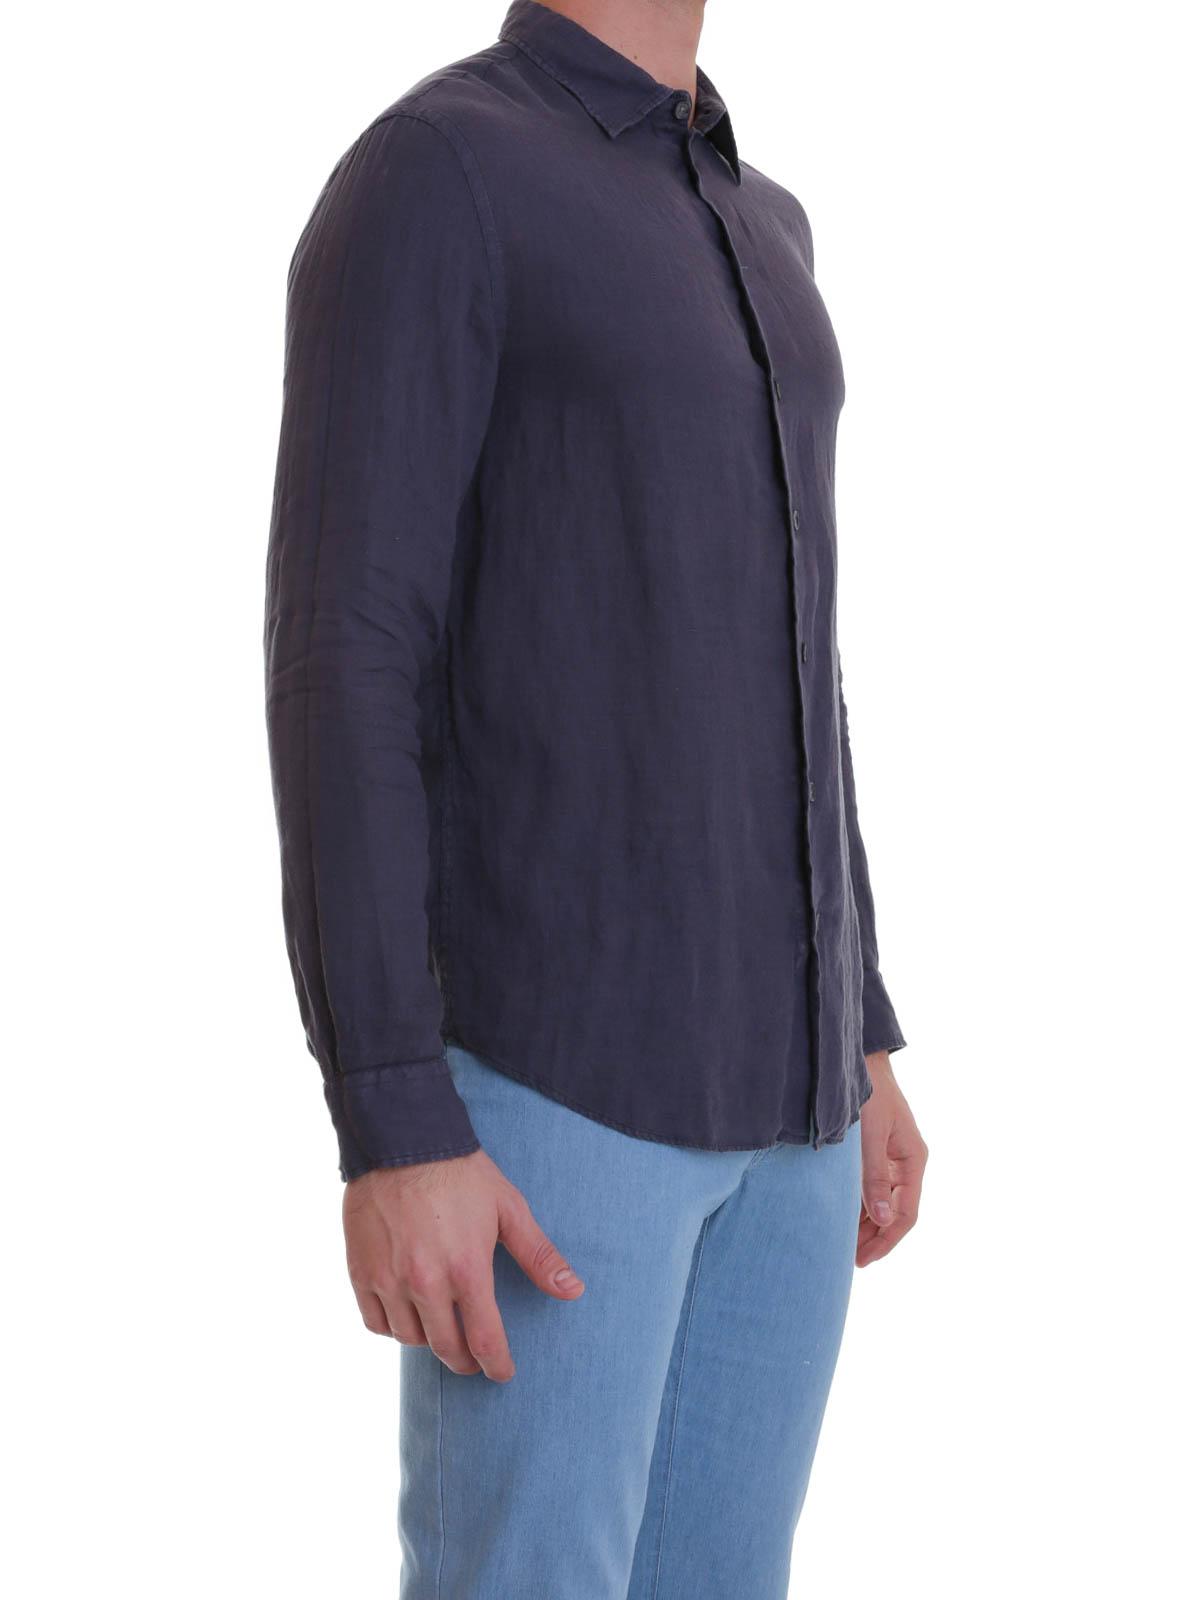 b6686774c643 SÉLECTION SPÉCIALE DENIM. Femme · Homme. iKRIX ARMANI COLLEZIONI  Chemises  - Chemise Bleu Foncé Pour Homme